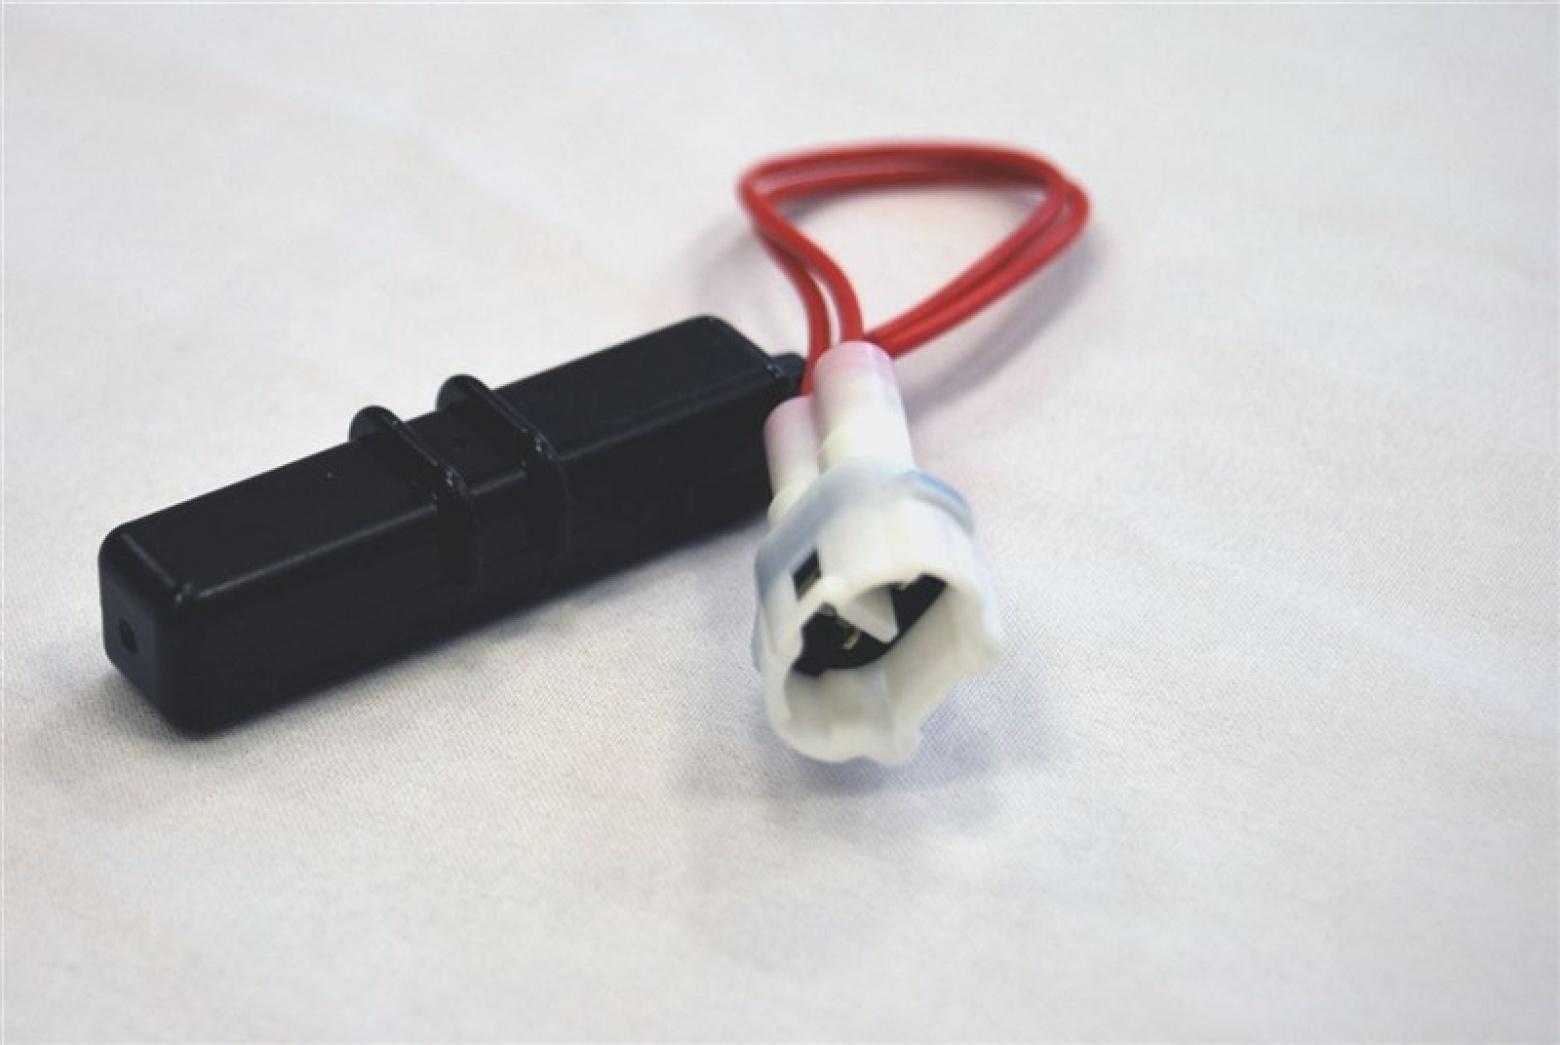 Cable anulador centralita Amortiguador  Dirección lineal